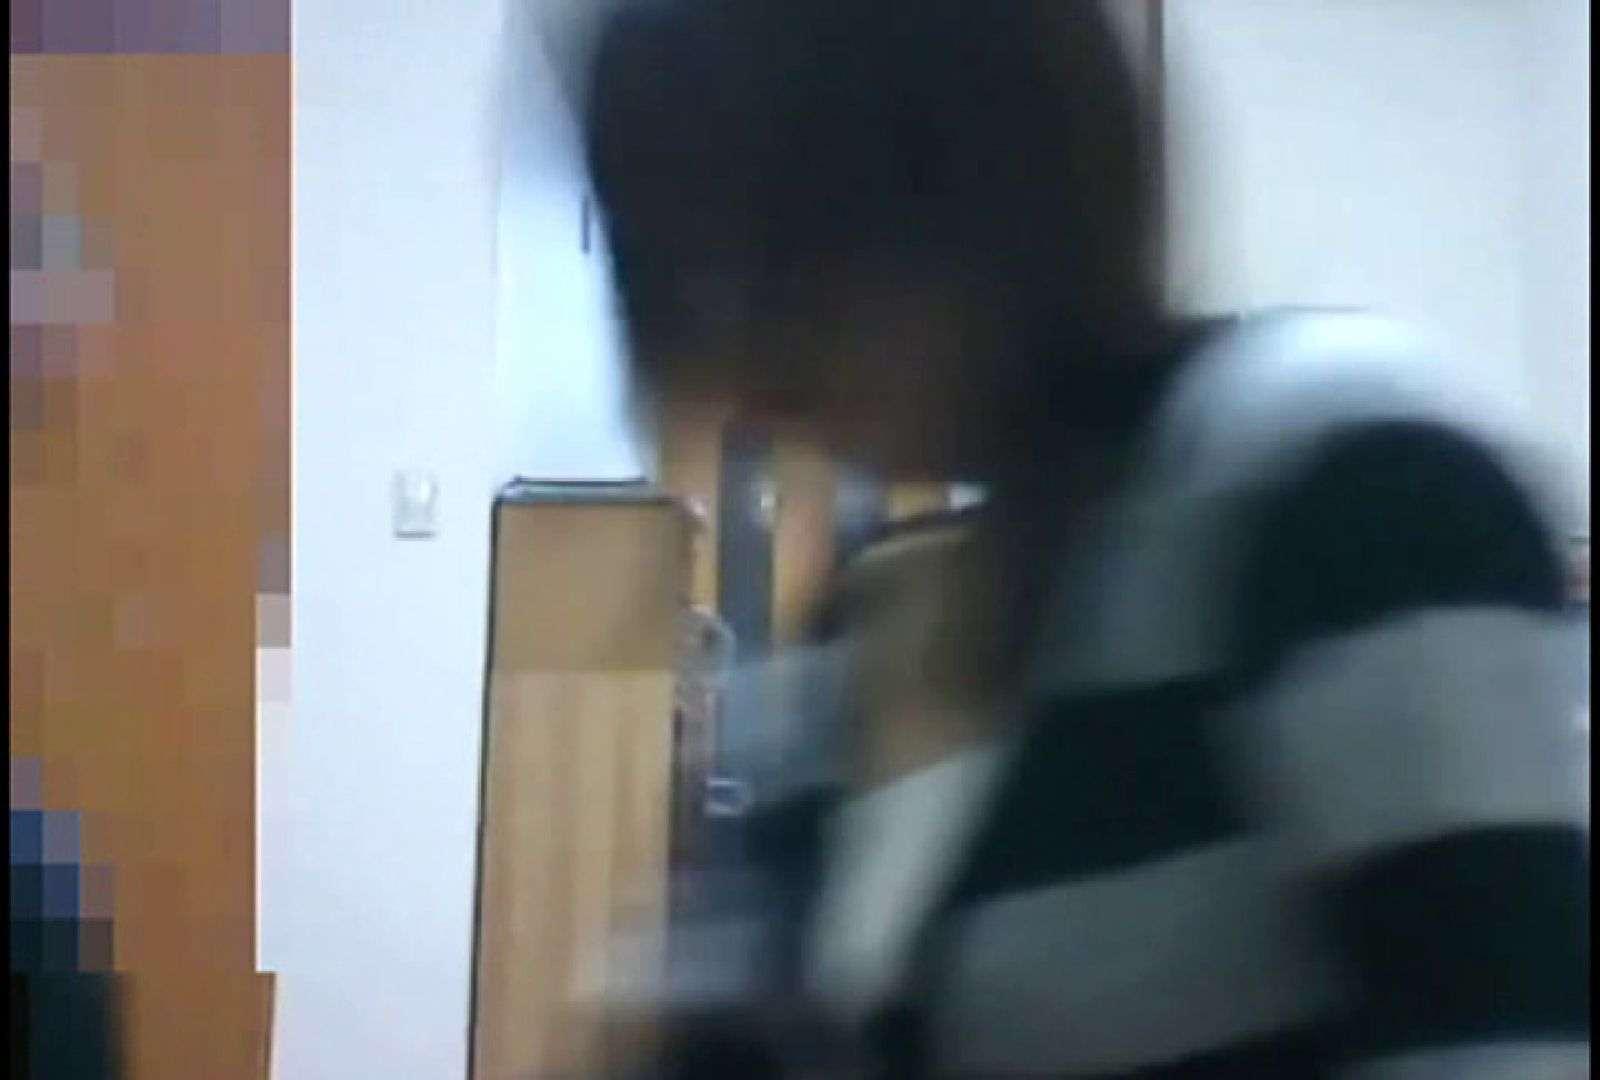 電魔王さんの「盗撮の部屋」No.1 りかこVol.1 OLエロ画像   盗撮  93PICs 39